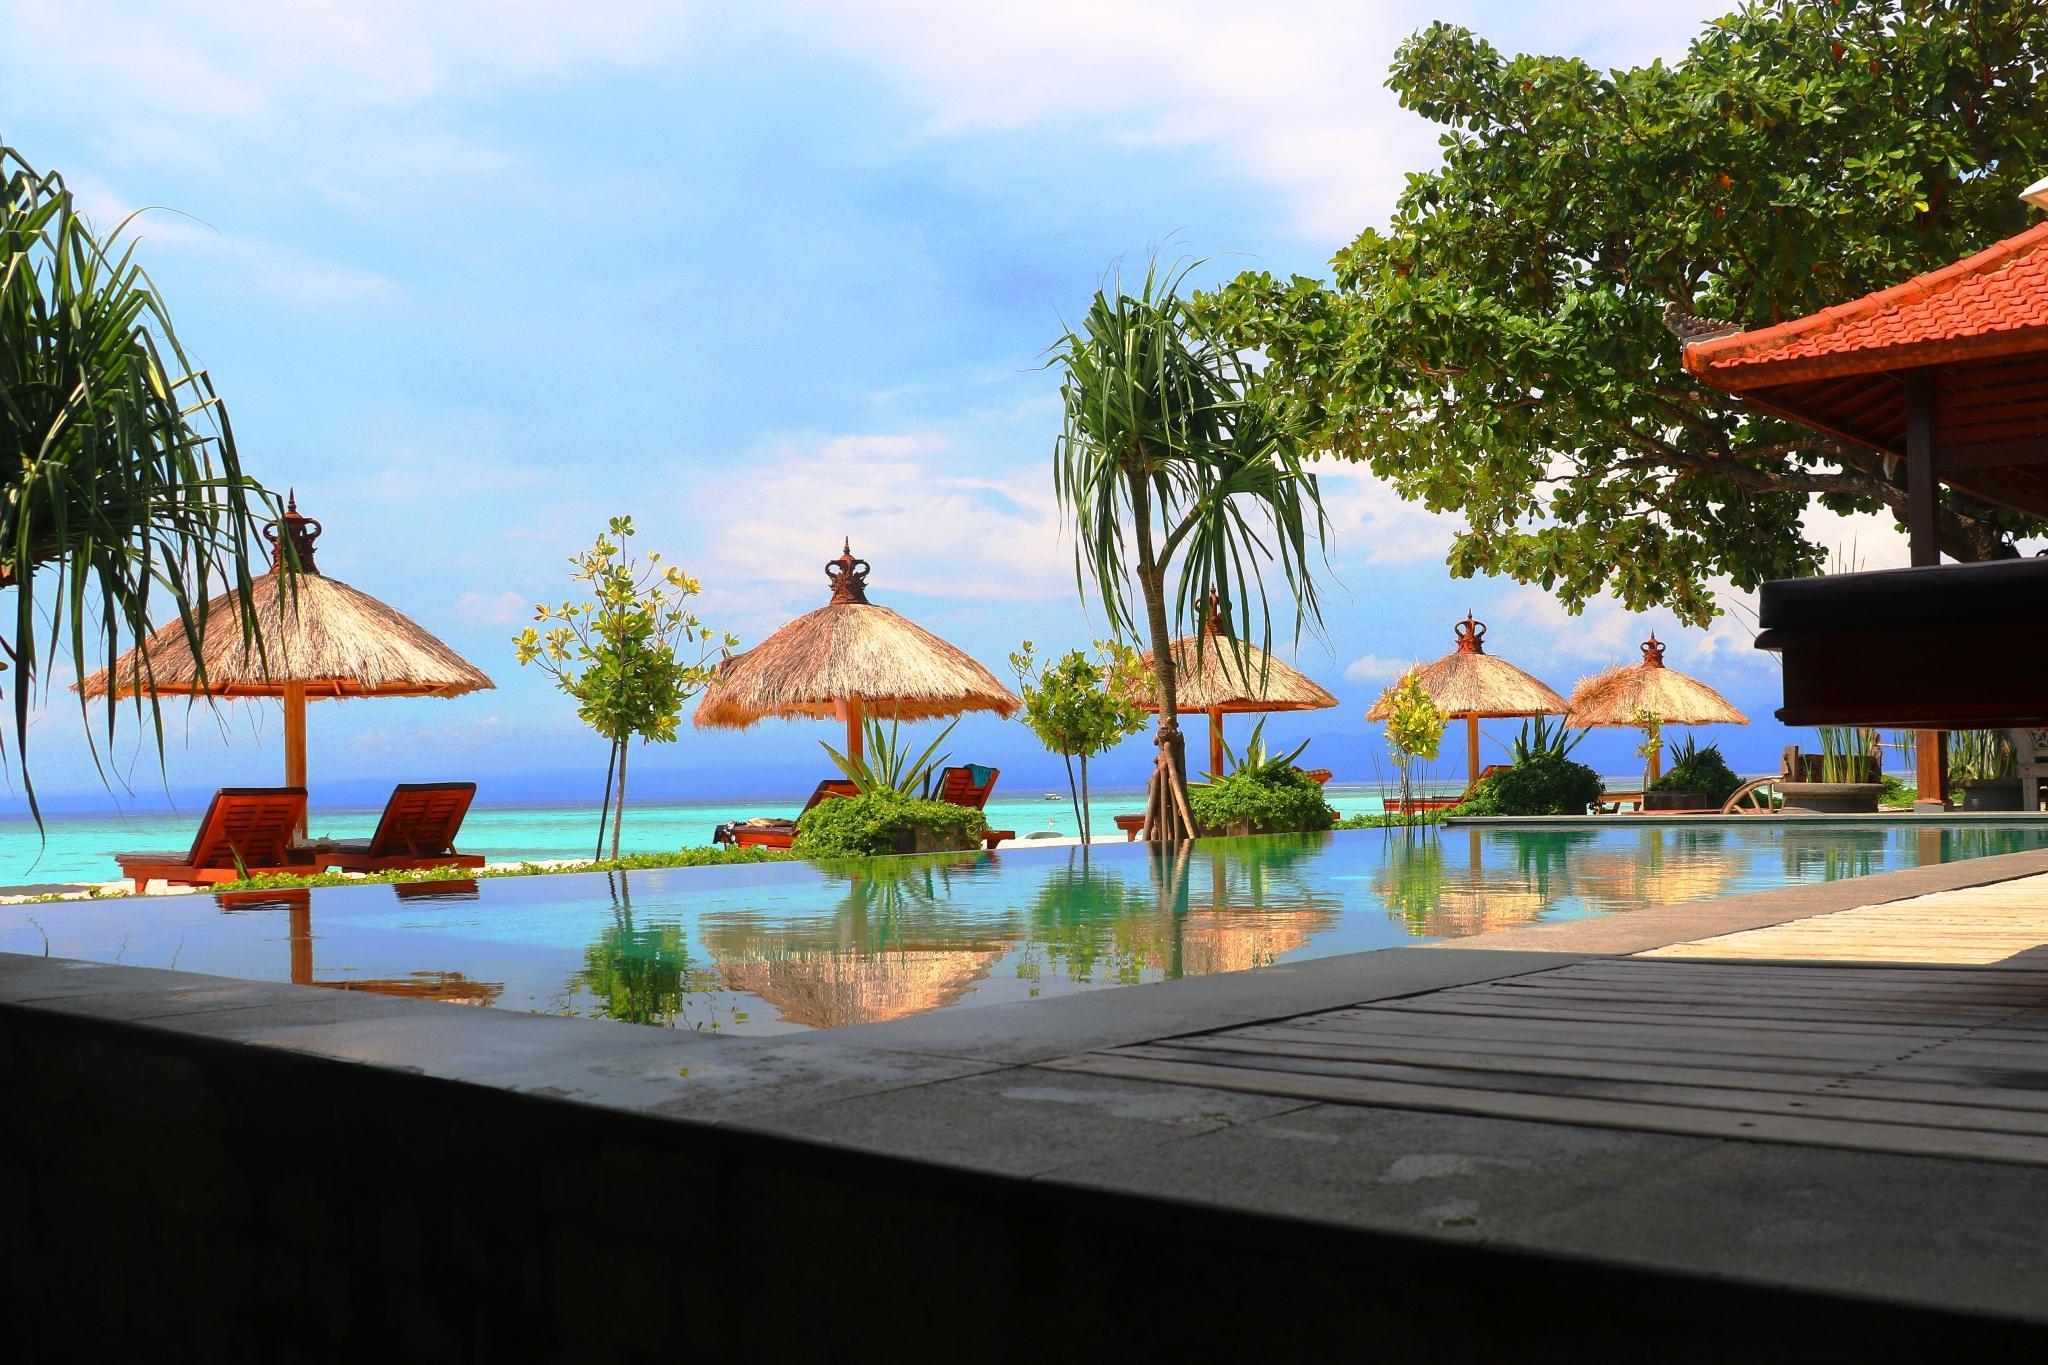 Pemedal Beach Resort